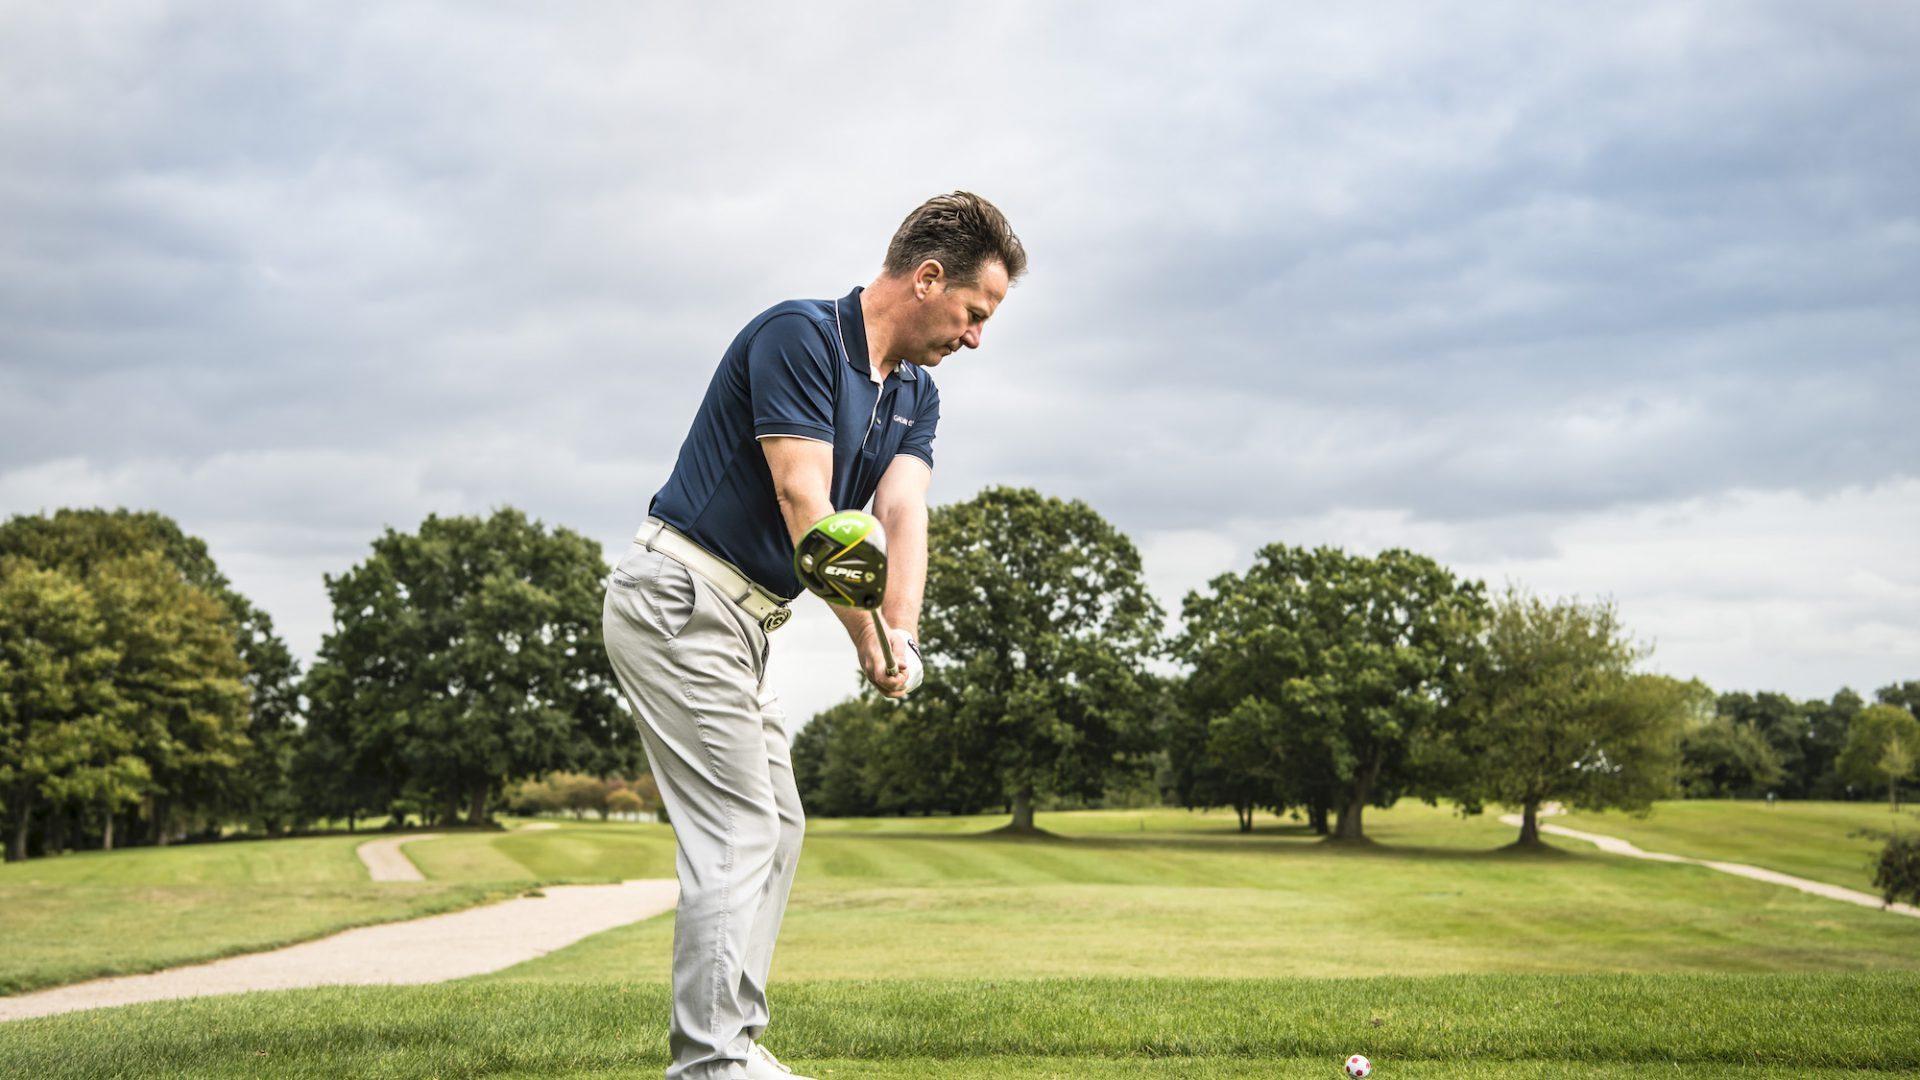 Paul Dyer verrät im 4. Teil unserer Golf-Mythen-Serie, inwieweit es sinnvoll ist, auf einer Ebene zu schwingen. (Foto: Stefan von Stengel).4